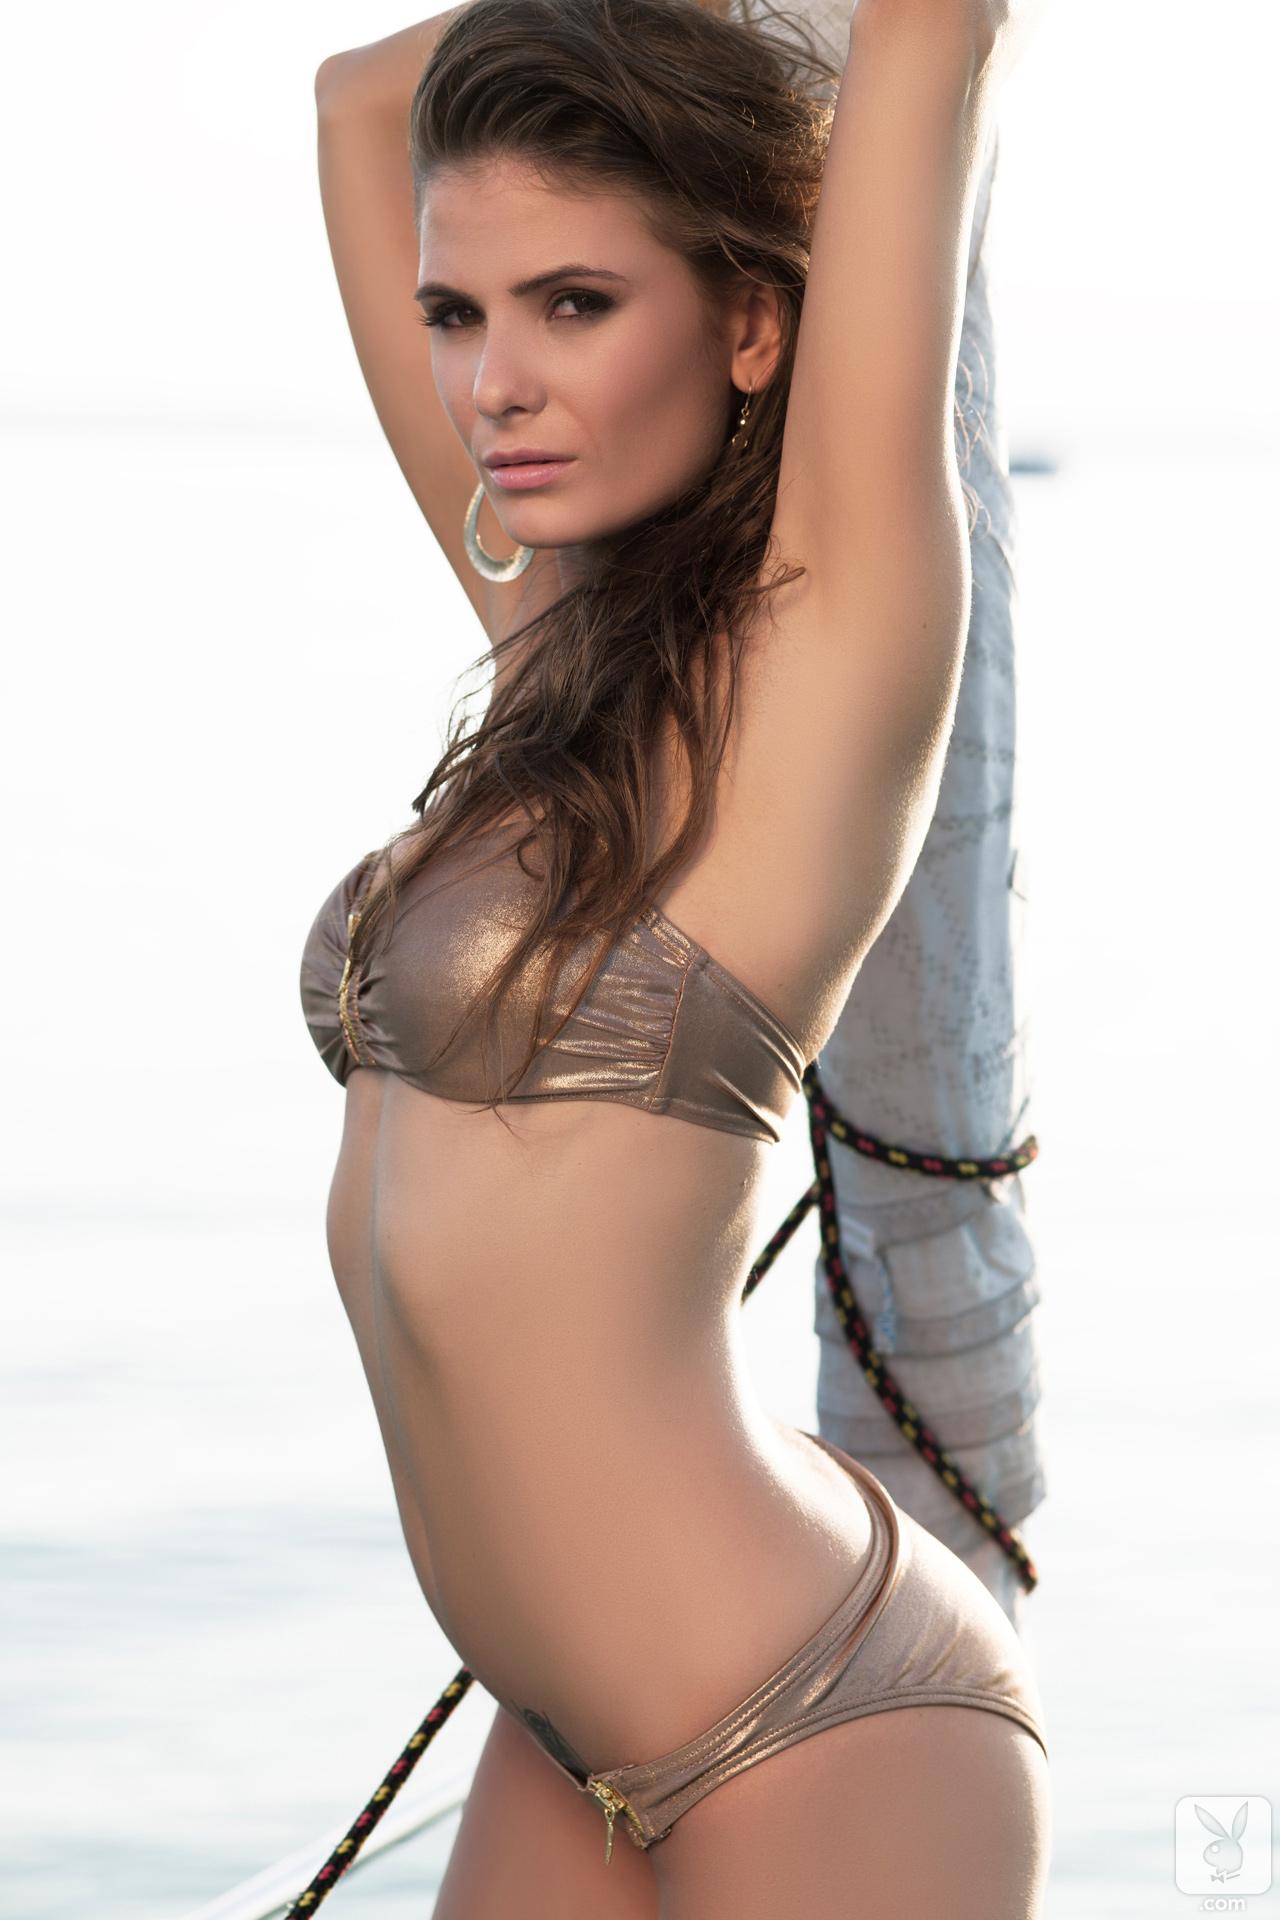 cosmo-bikini-yacht-naked-playboy-05